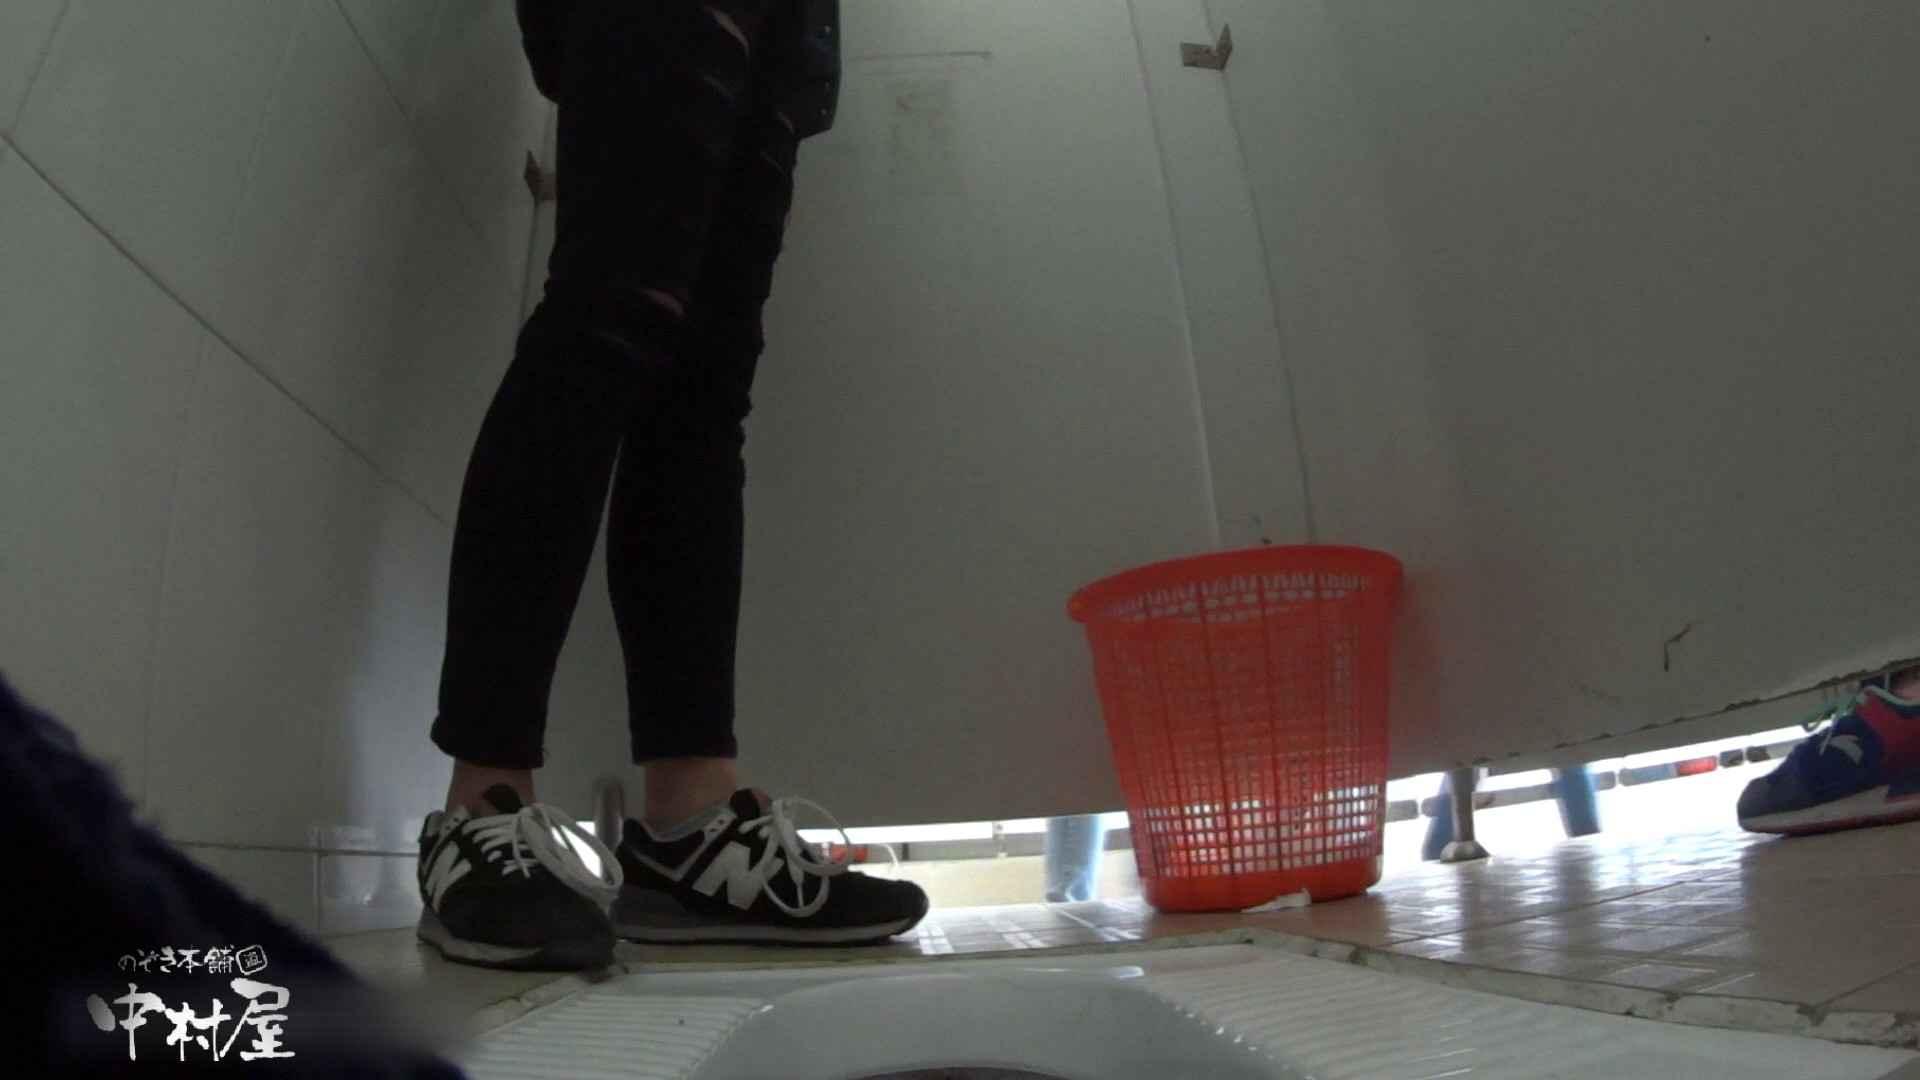 色気のある眼鏡さんの放nyo大学休憩時間の洗面所事情28 洗面所 | Hなお姉さん  78pic 20